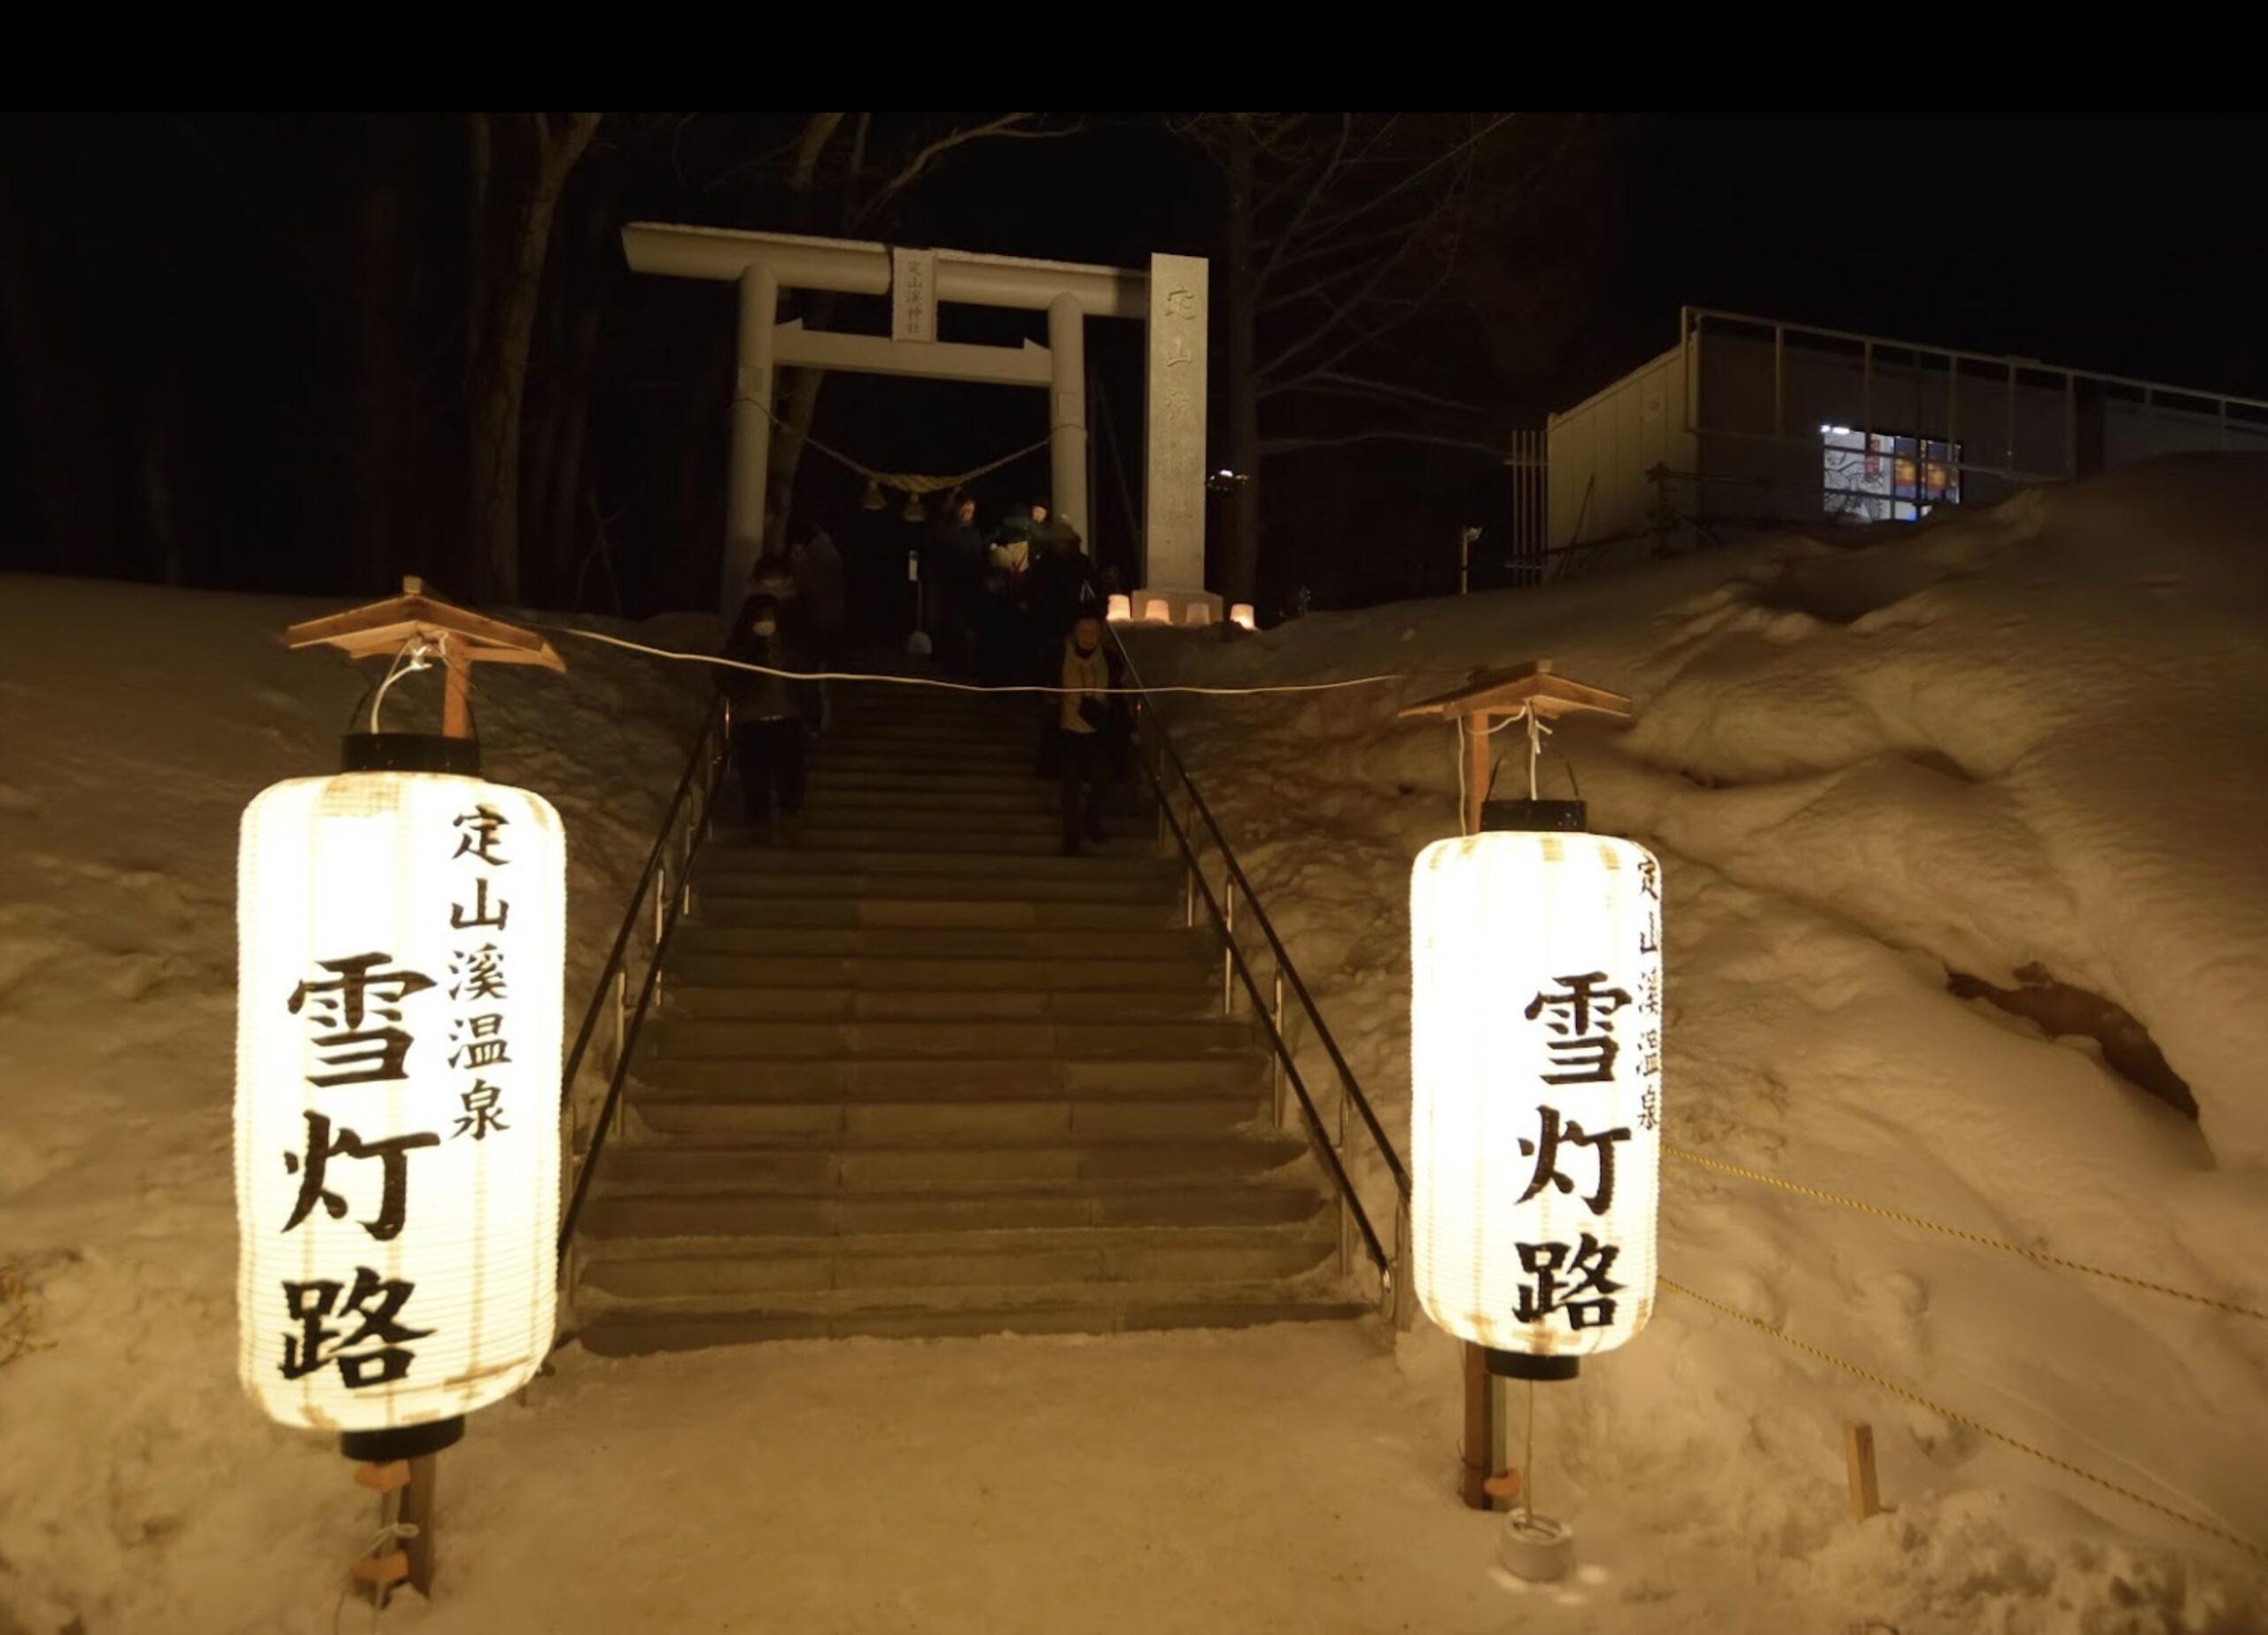 定山渓雪灯路